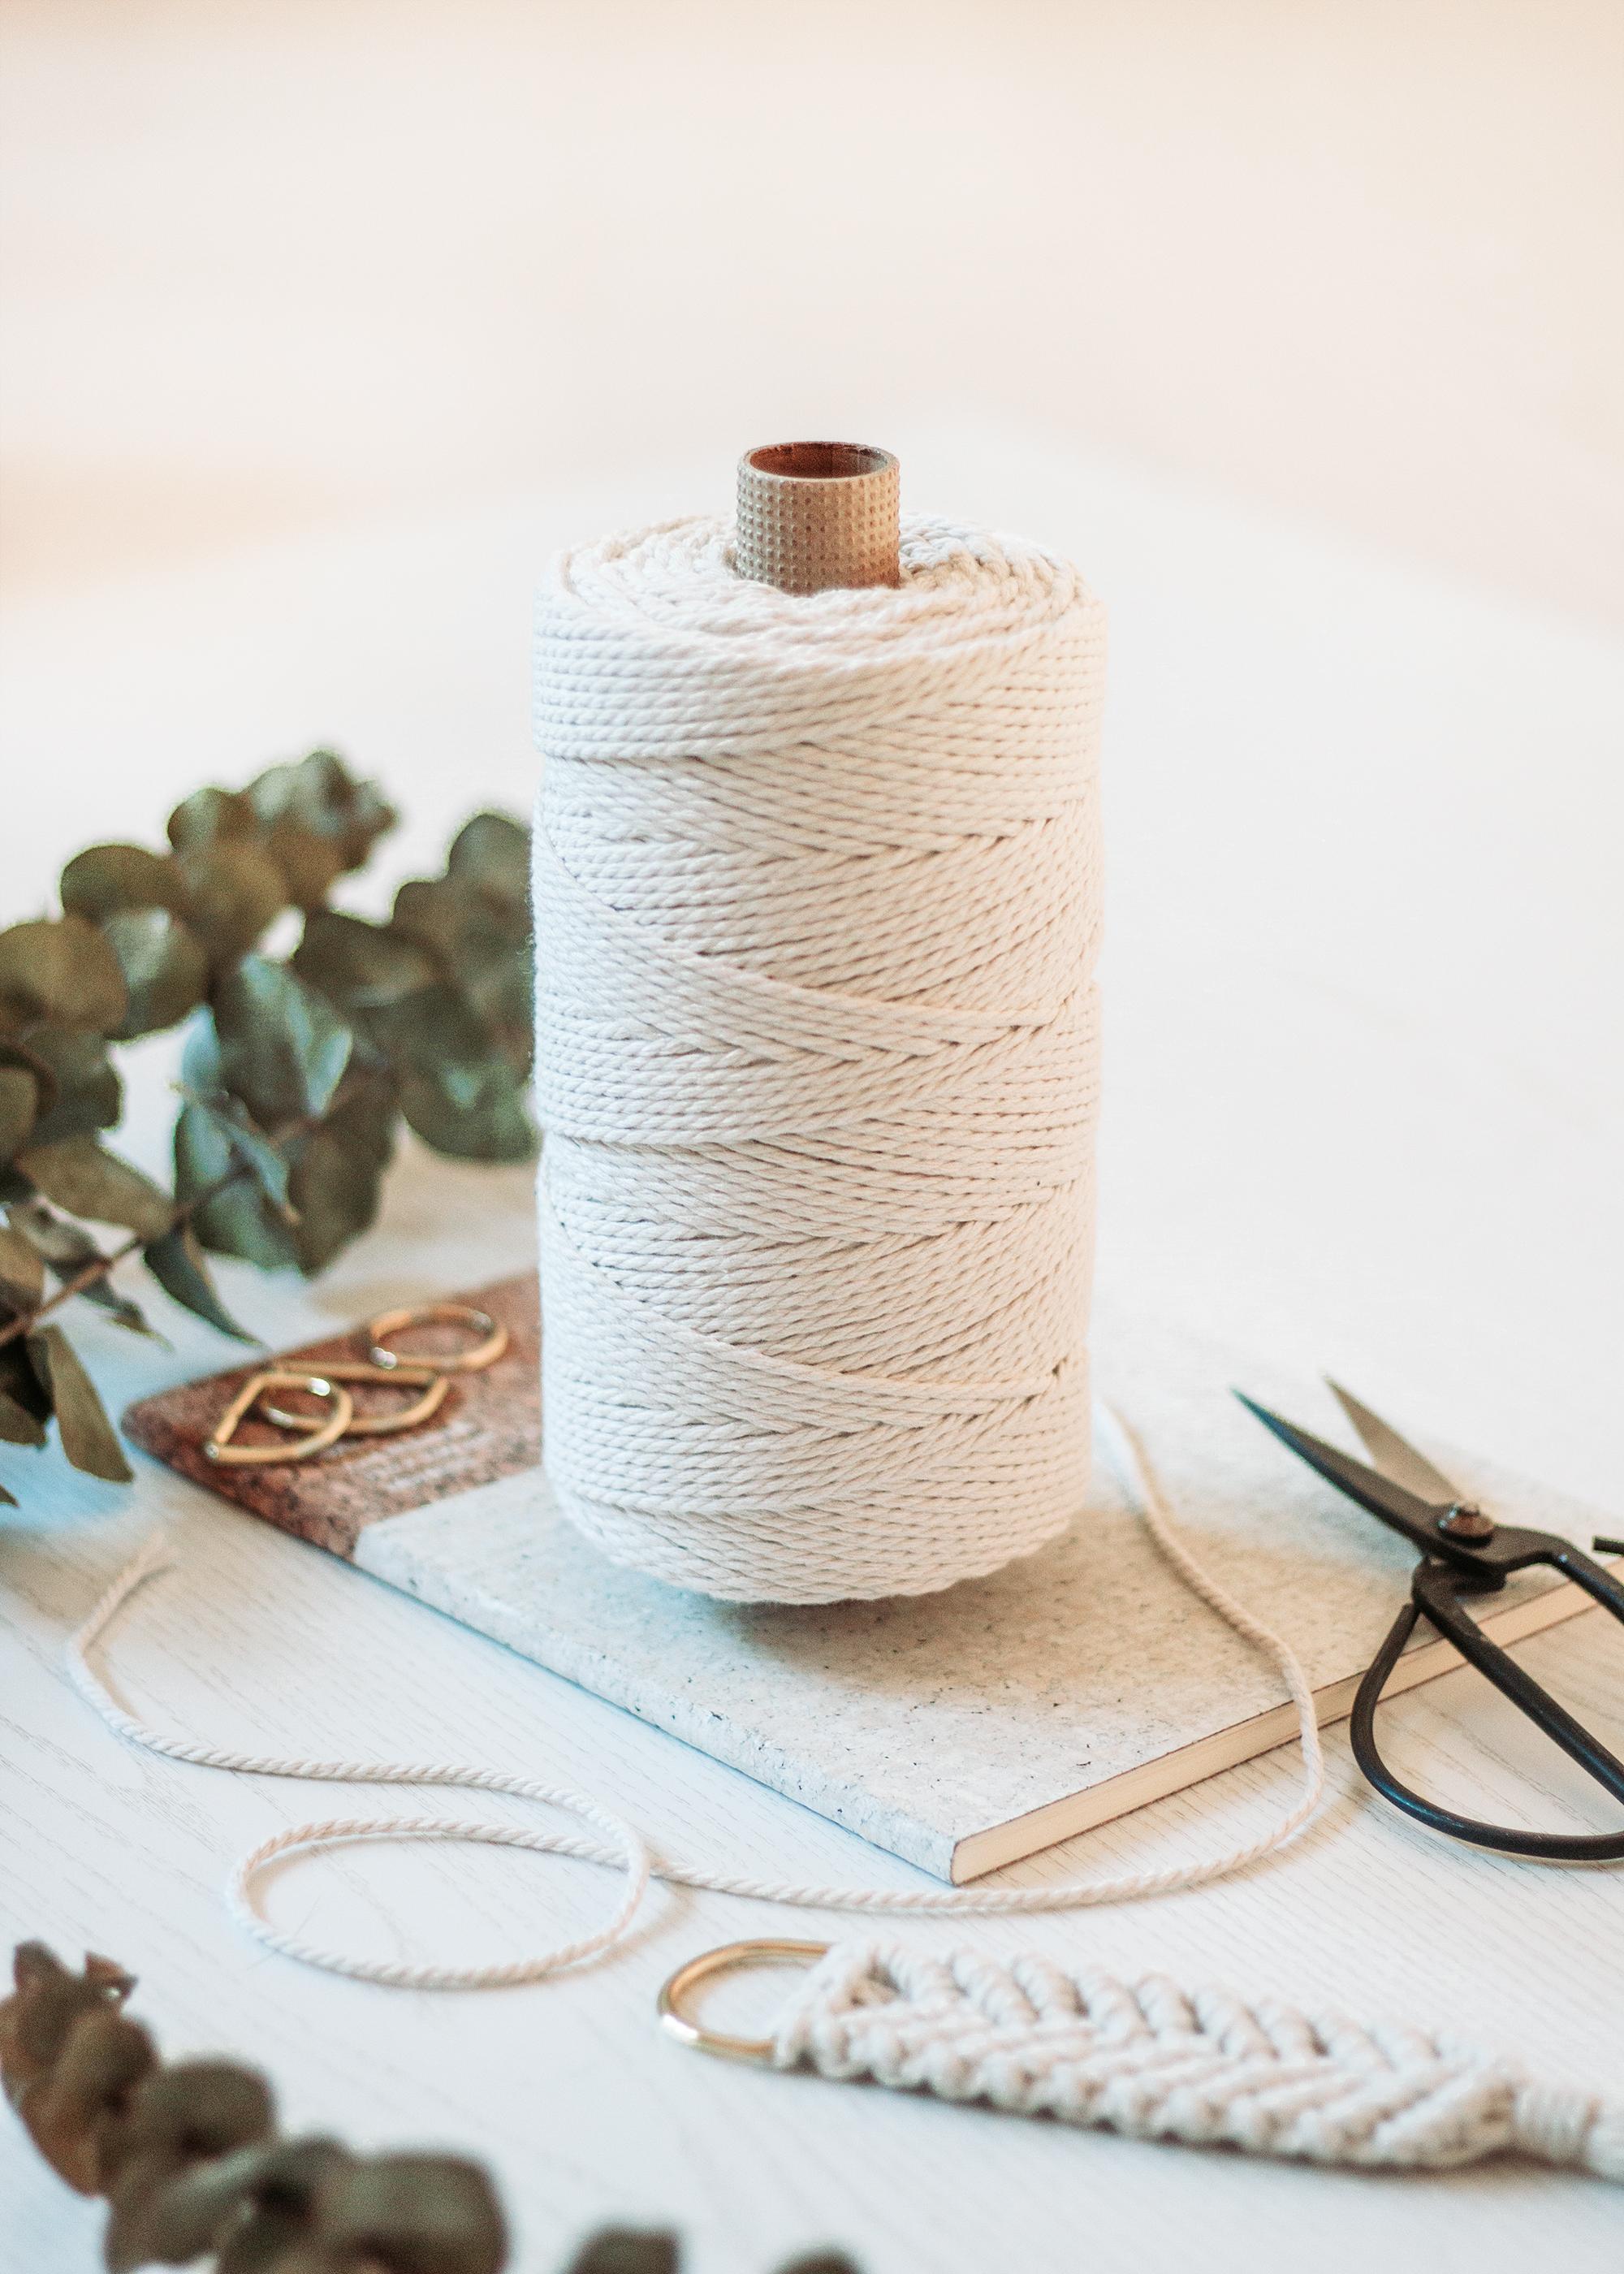 Vad du behöver för att knyta makramé | Makramématerial | Bra Makramégarn | Makers Mail by Sandramaria | Sandramarias.com